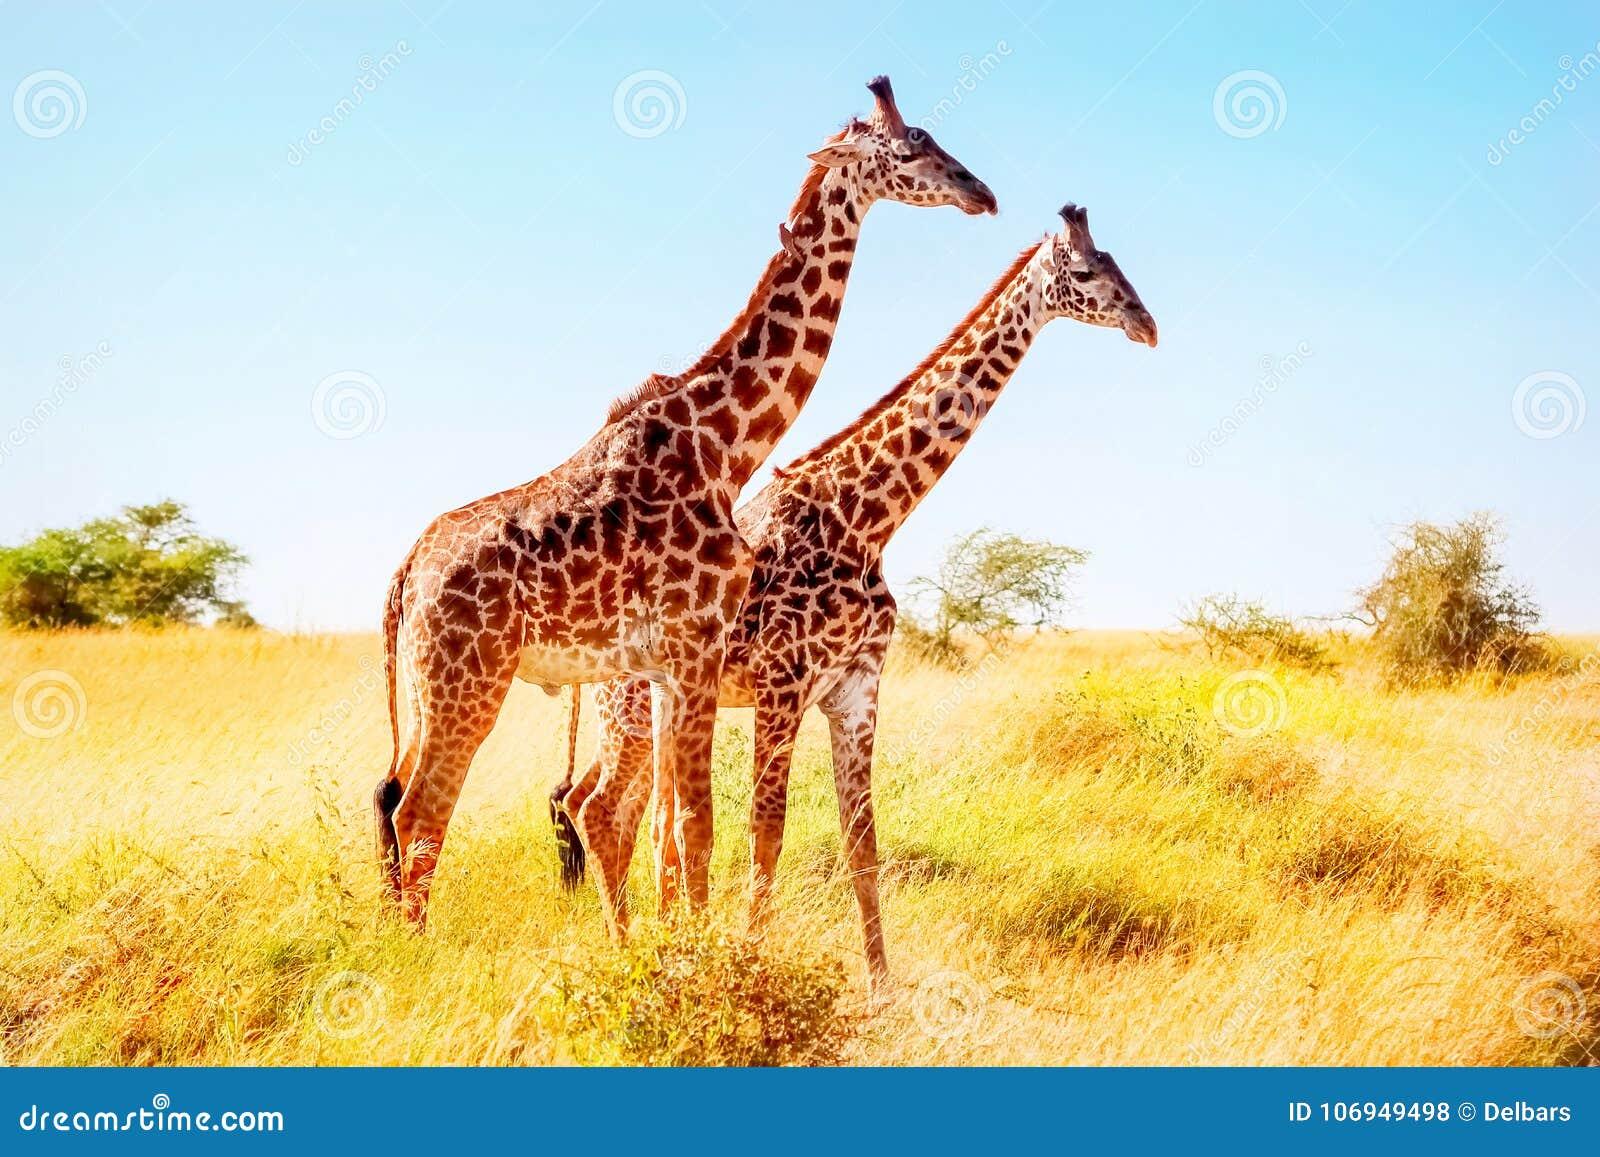 Giraffen in der afrikanischen Savanne Afrikanische Safari